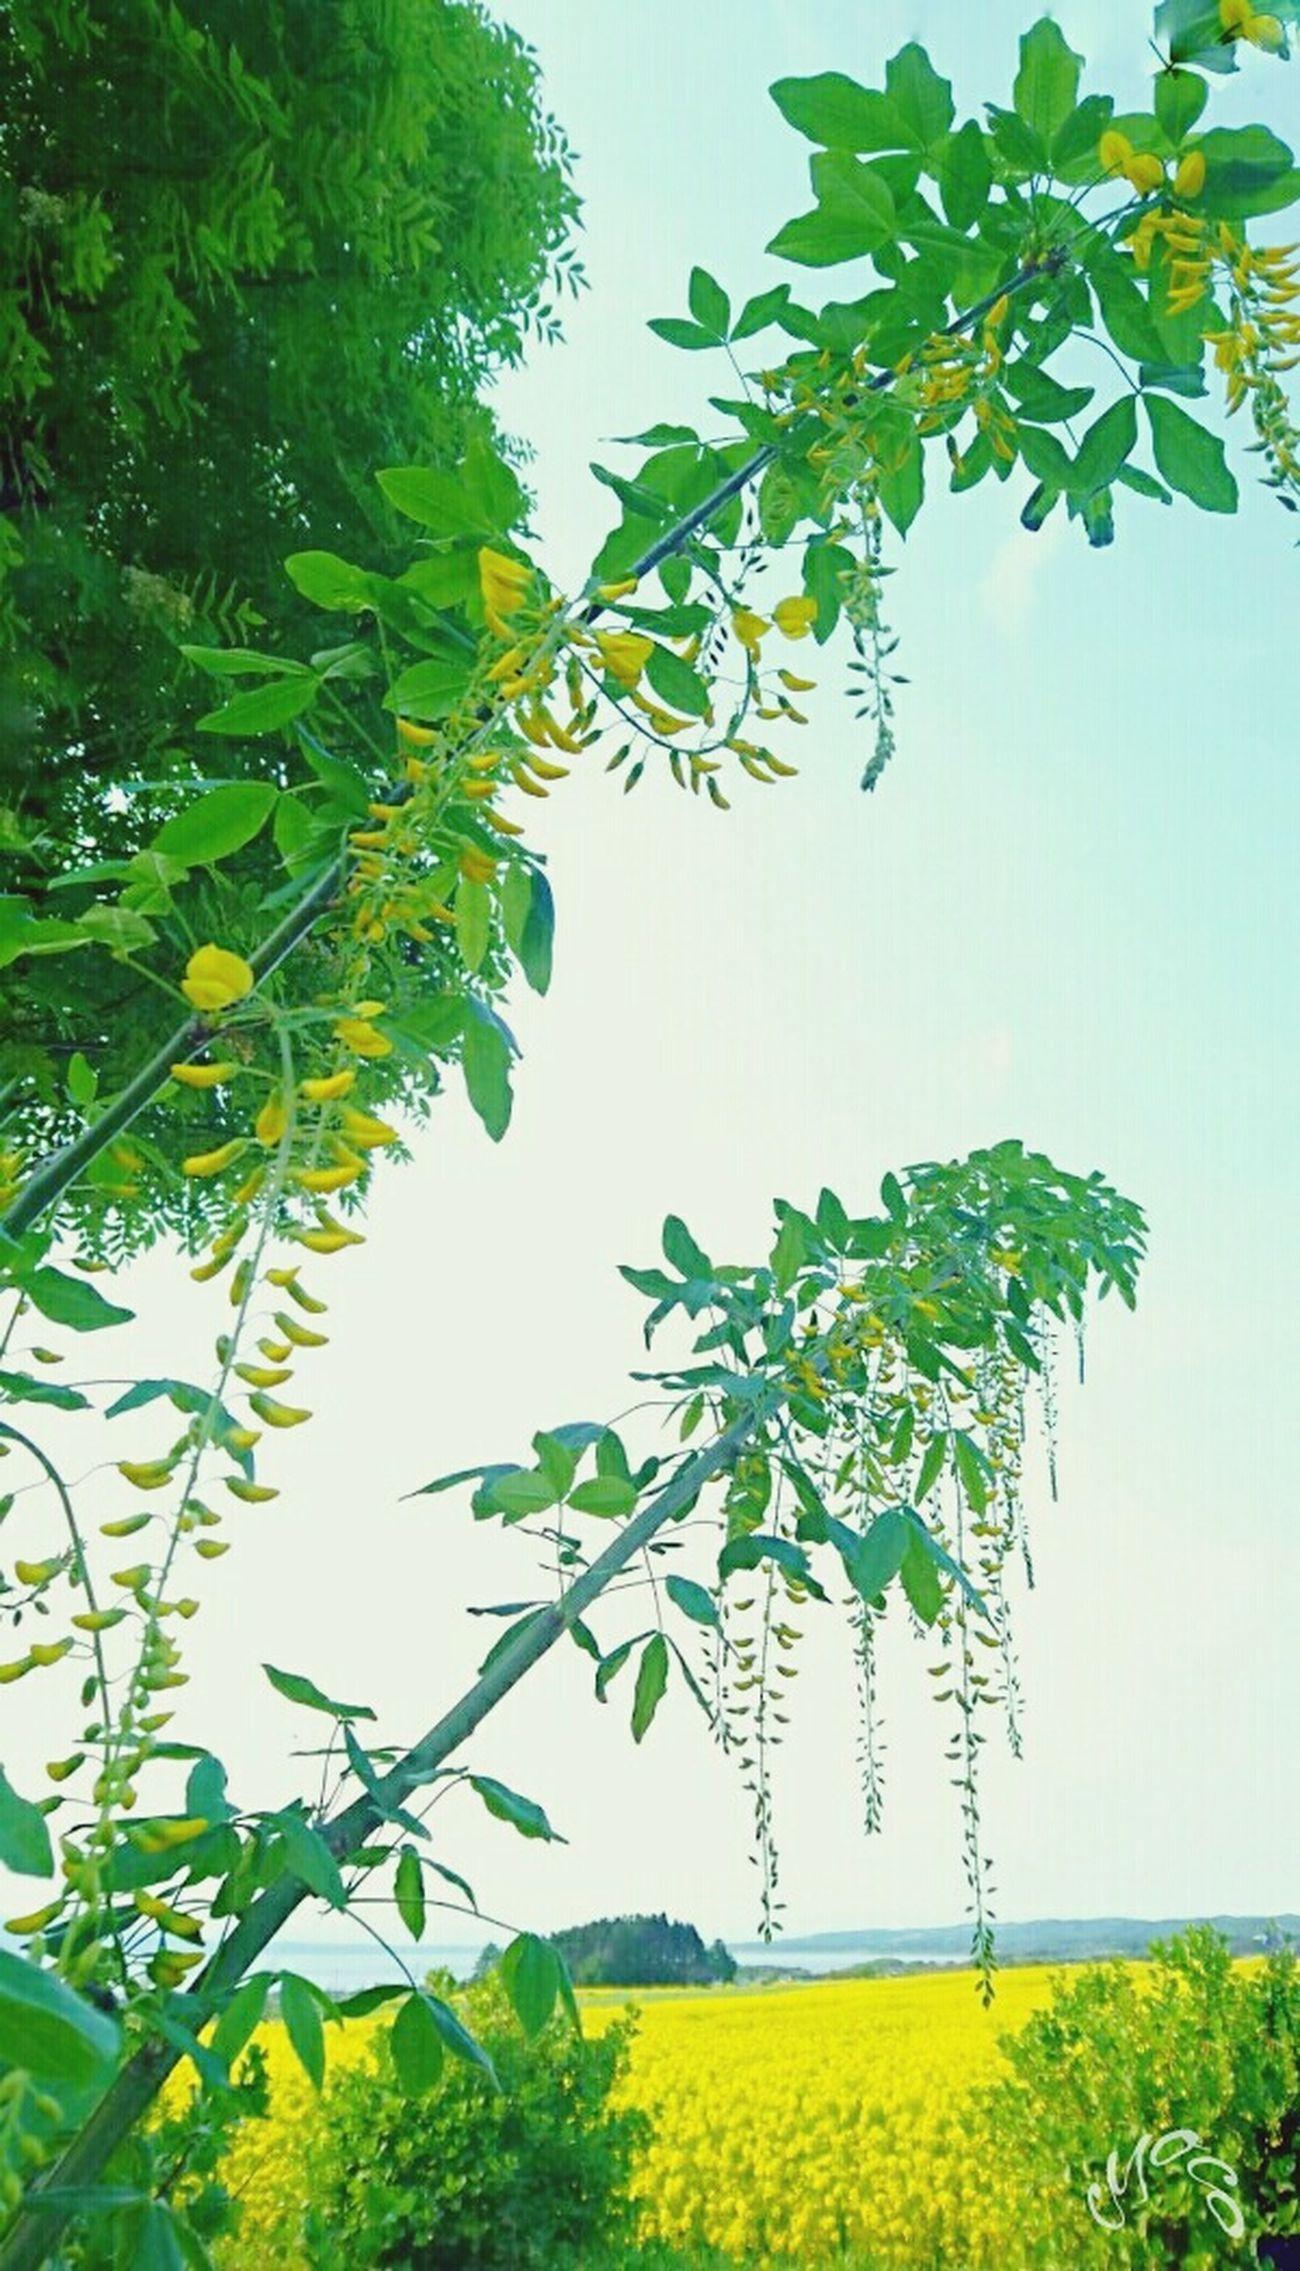 菜の花 菜の花畑 黄色い花 海 地元の海 安らぎのひととき Flower Of Canola Flower Yellow Flowers Sky Mother Nature Ultimate Japan Nature Photography Green Sea Marine Sky Of Japan EyeEm Best Shots EyeEm Nature Lover EyeEm Gallery Eyeem Photography Japan Spring Flowers Healing Time Spring